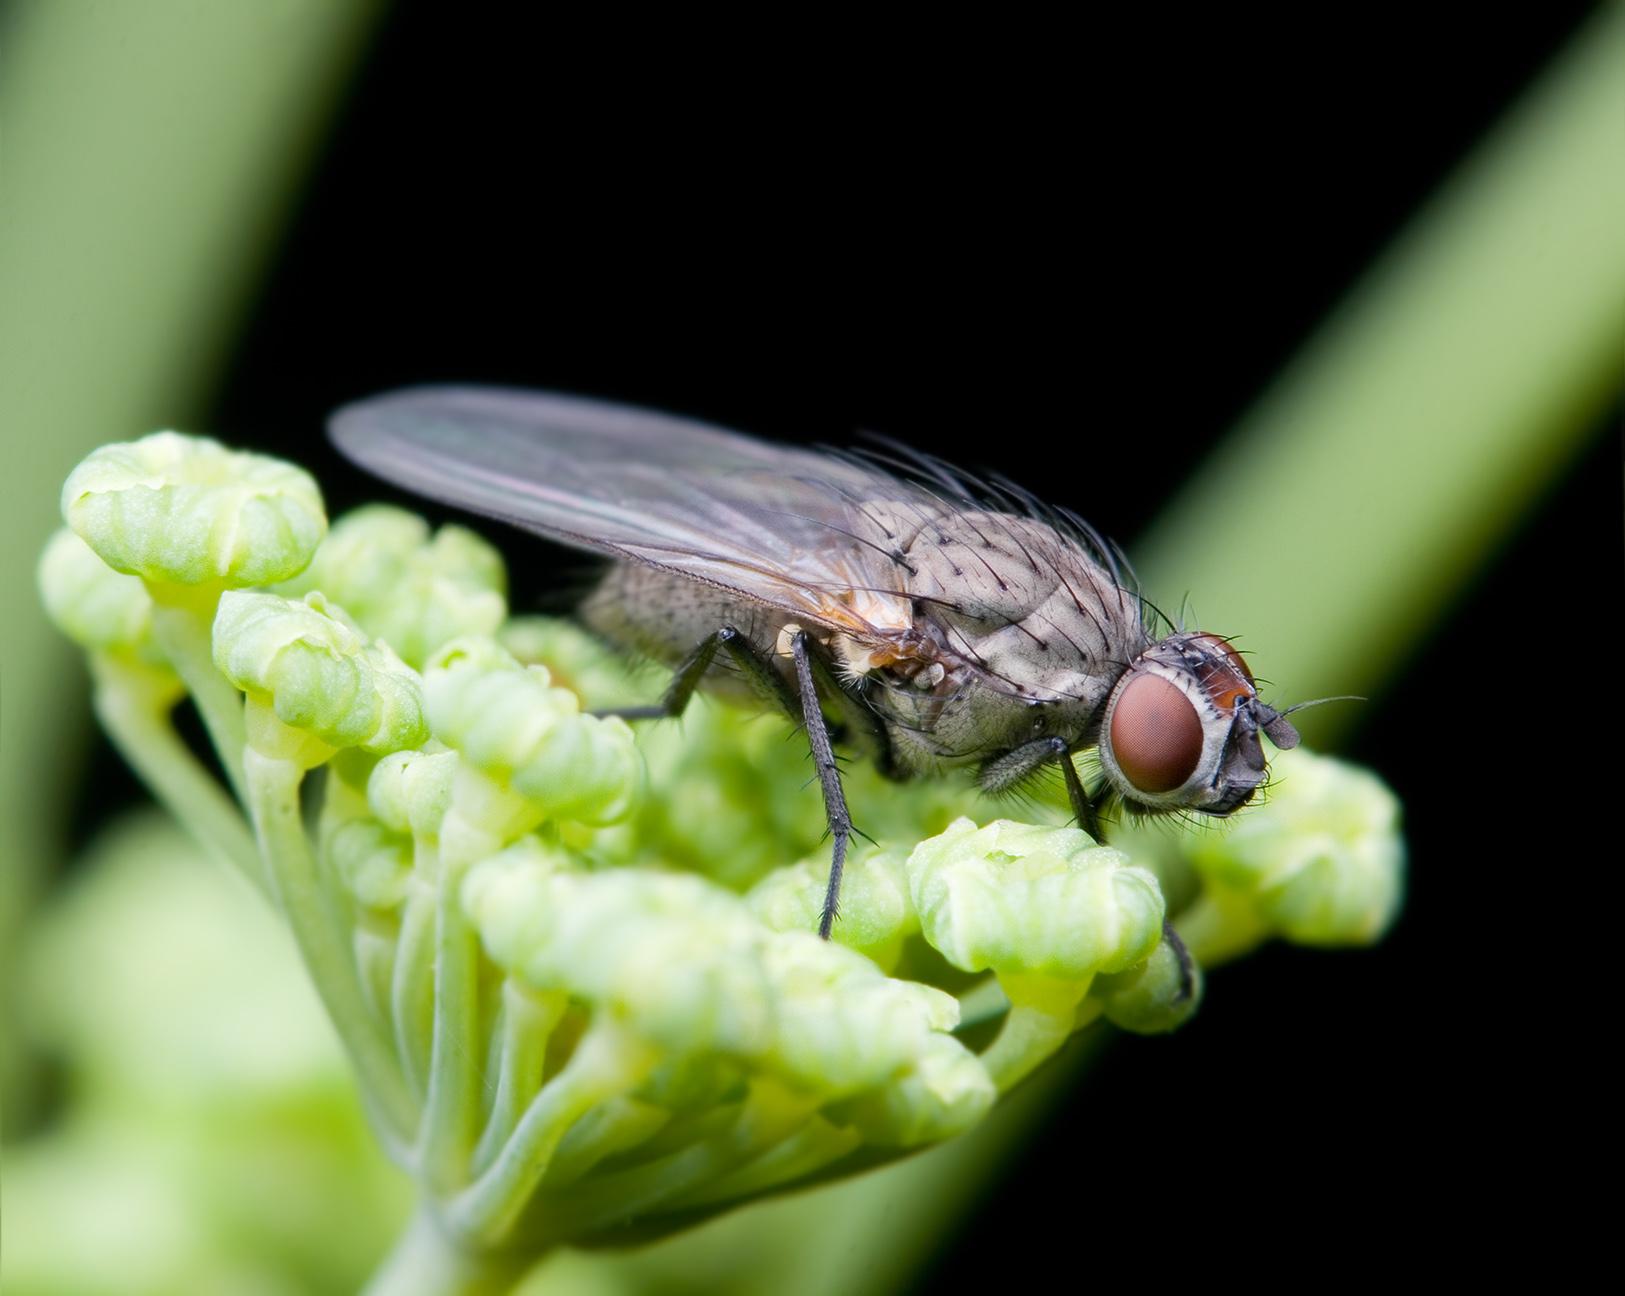 Anthomyiidae - Wikidata